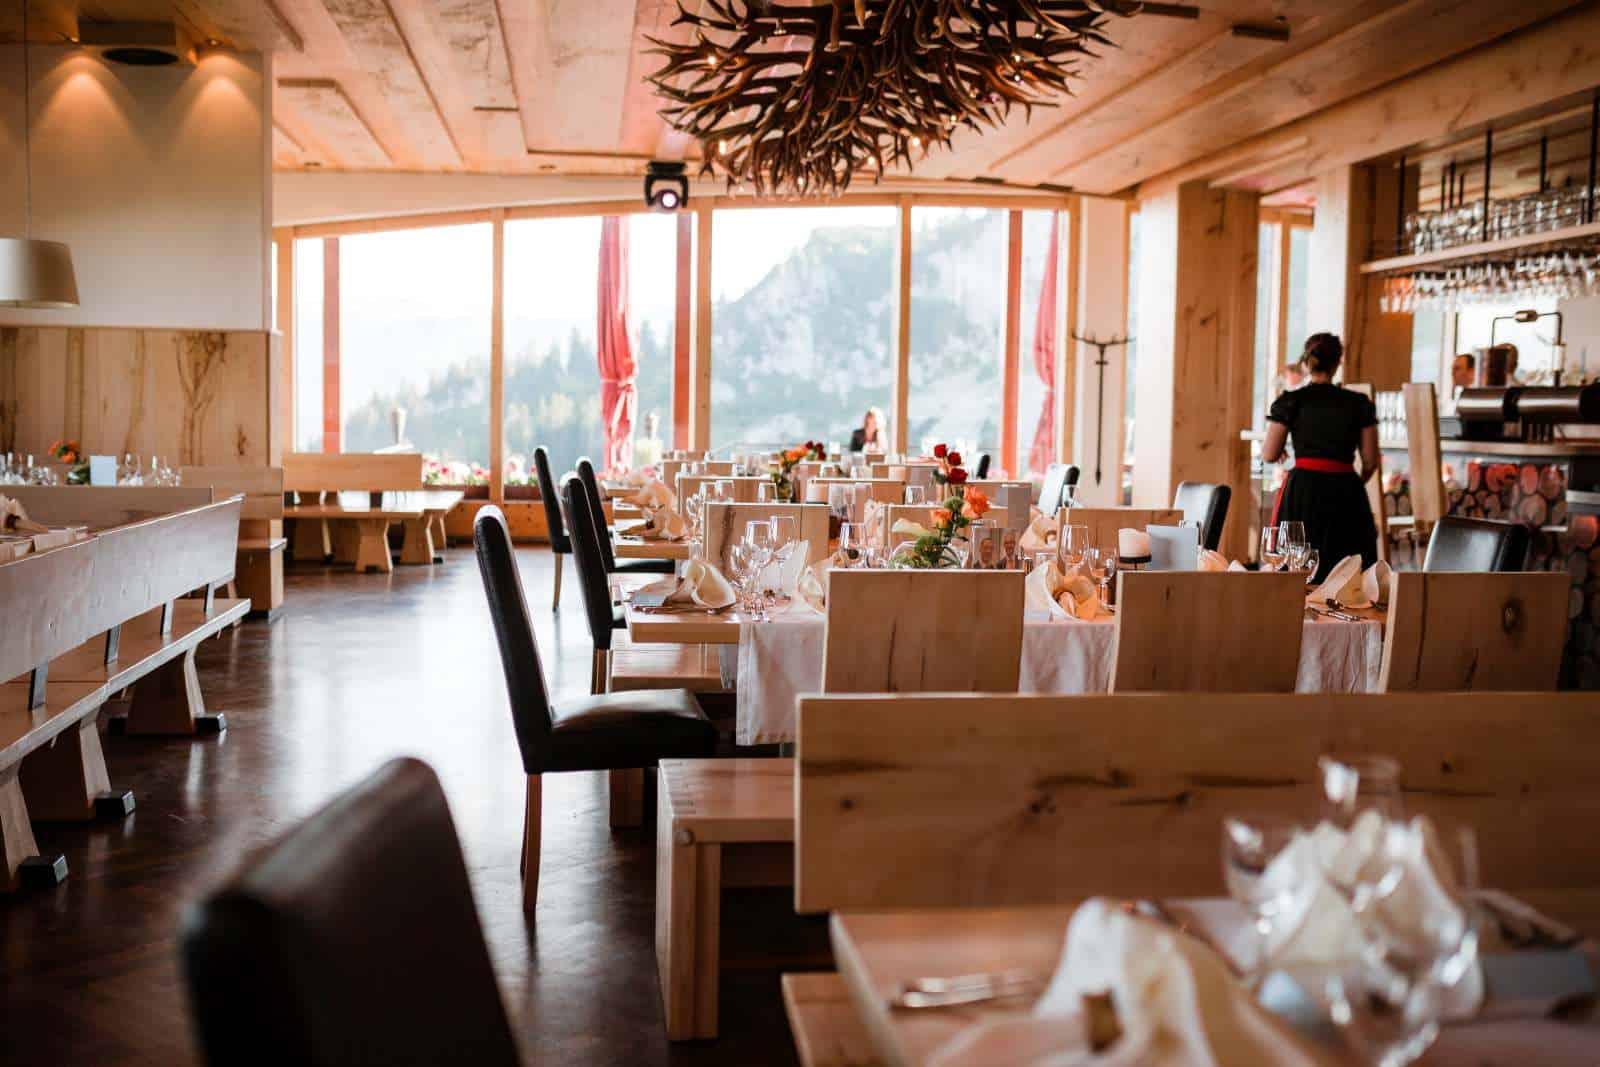 Hochzeitsfotograf Alpen Chiemgau Freie Trauung Von Dennis Dirk